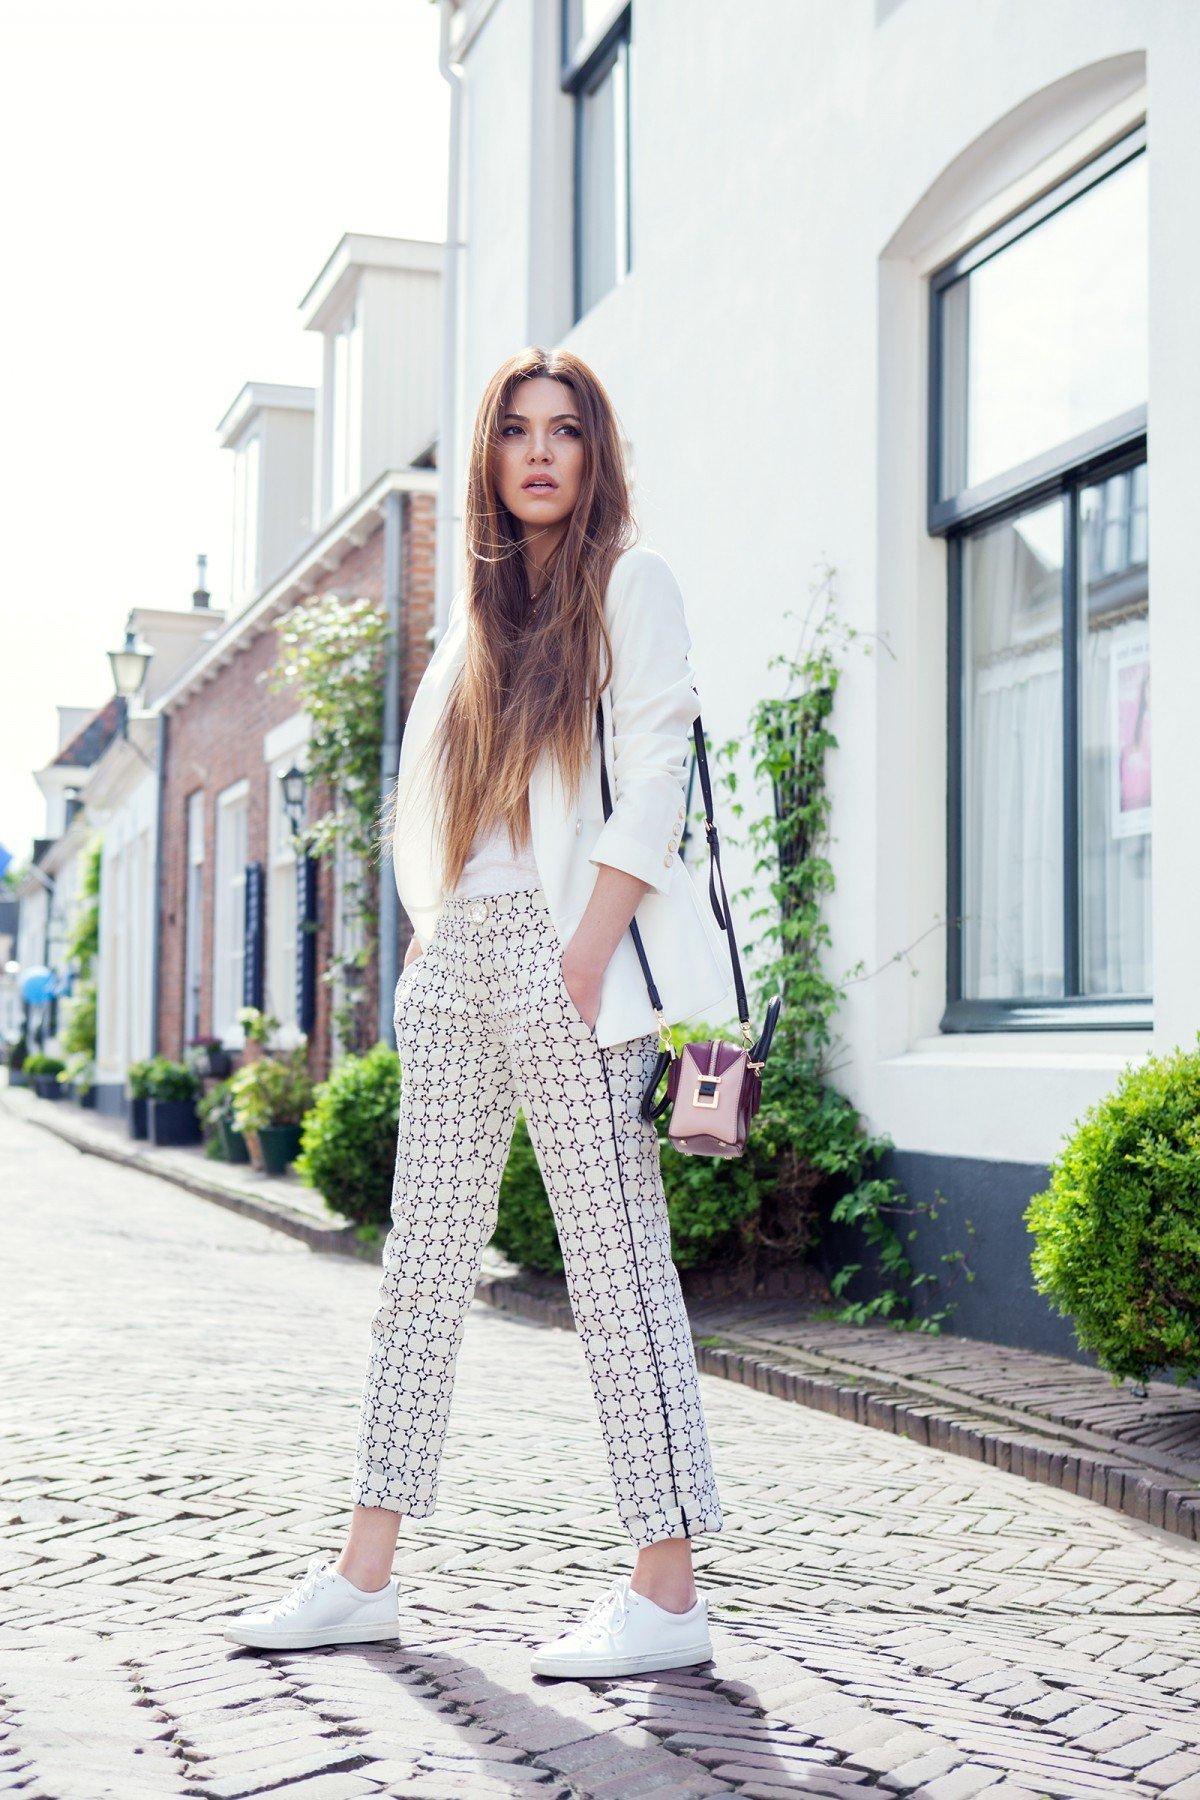 Modetrends 2018: №2: Die echte Inszenierung der Weiblichkeit ist weißen Anzug